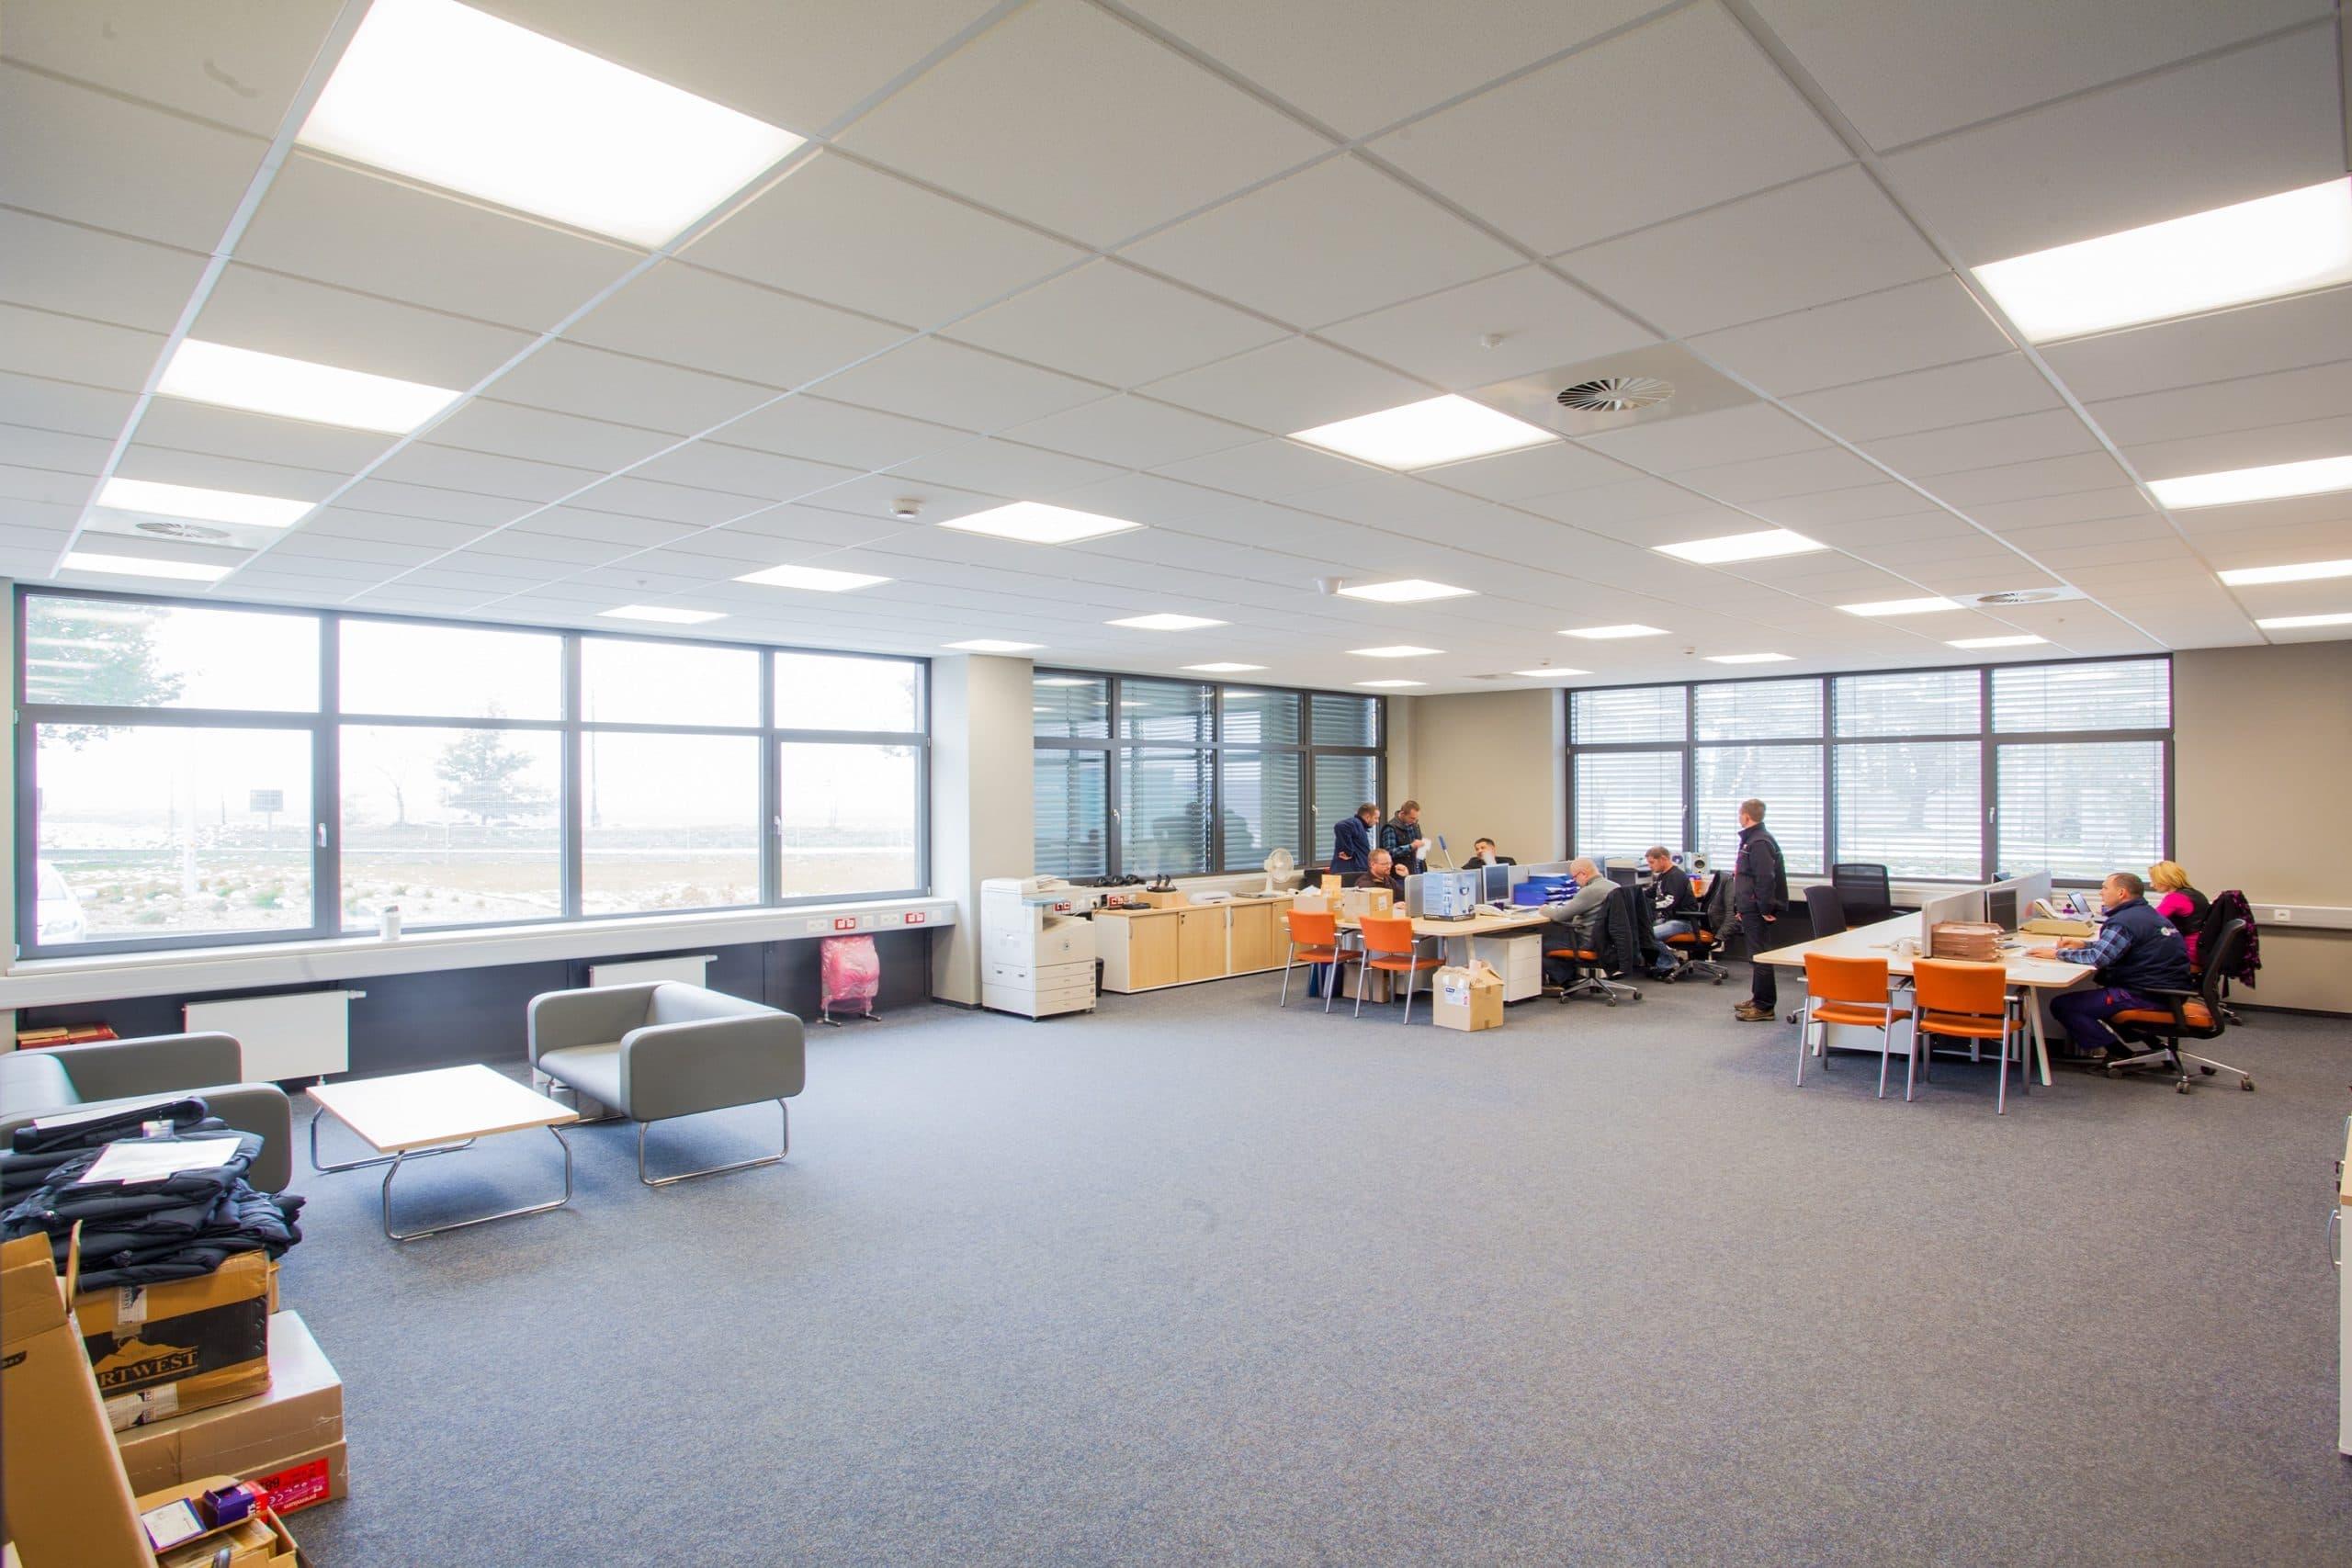 Zmodernizowane oświetlenie w budynku firmy Merida - Luxon LED